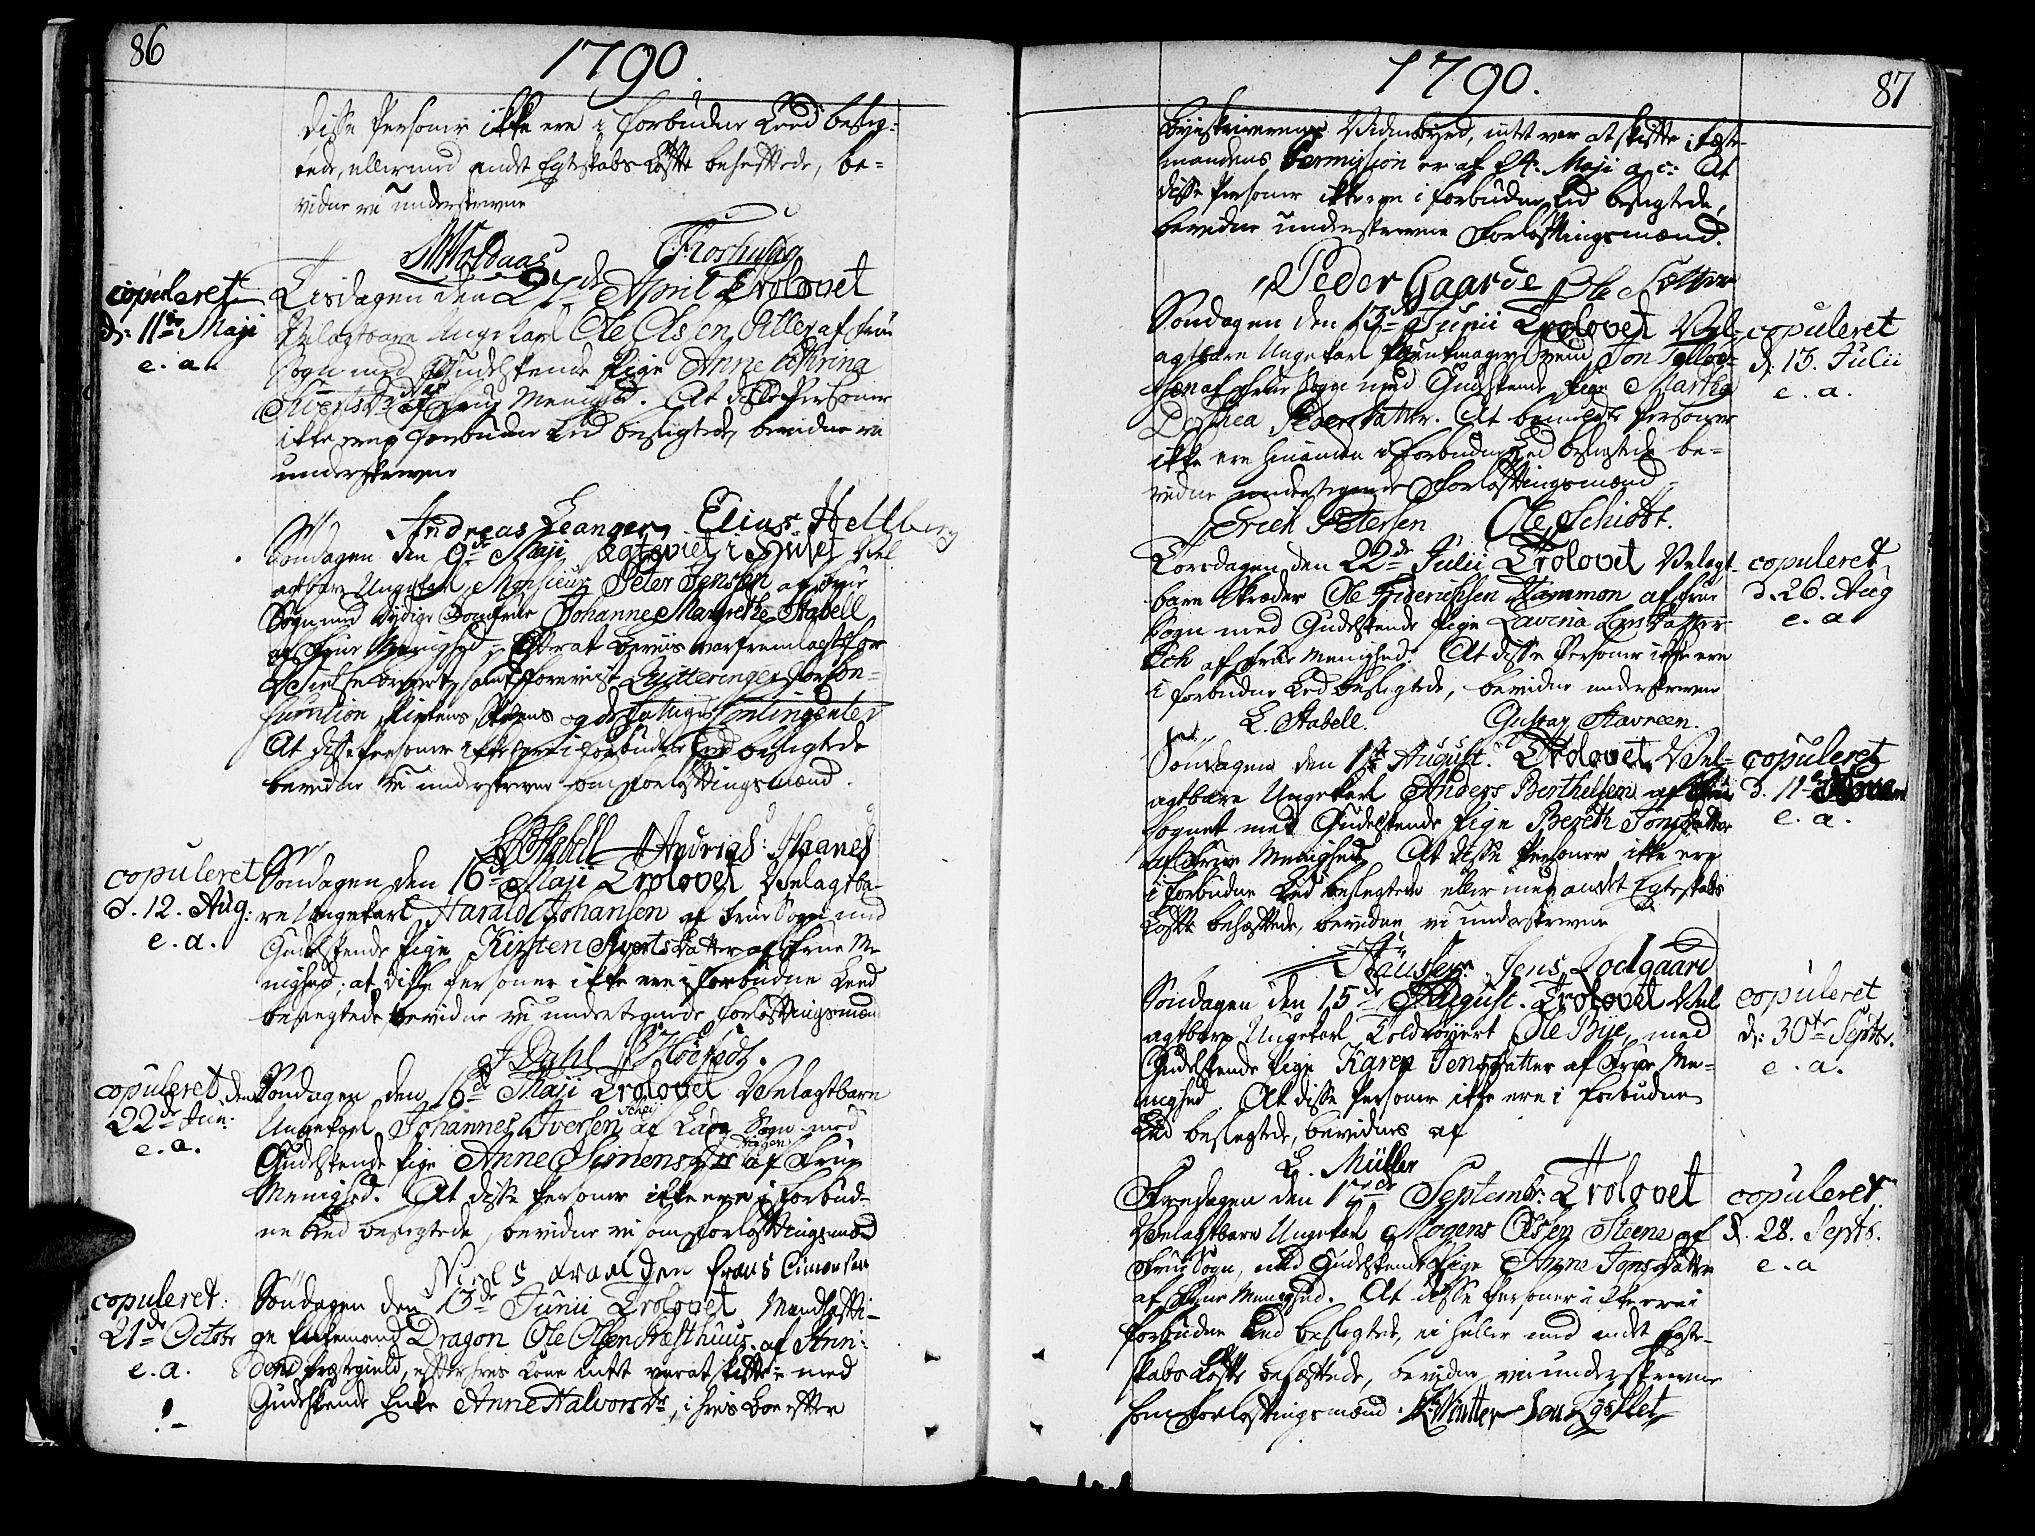 SAT, Ministerialprotokoller, klokkerbøker og fødselsregistre - Sør-Trøndelag, 602/L0105: Ministerialbok nr. 602A03, 1774-1814, s. 86-87